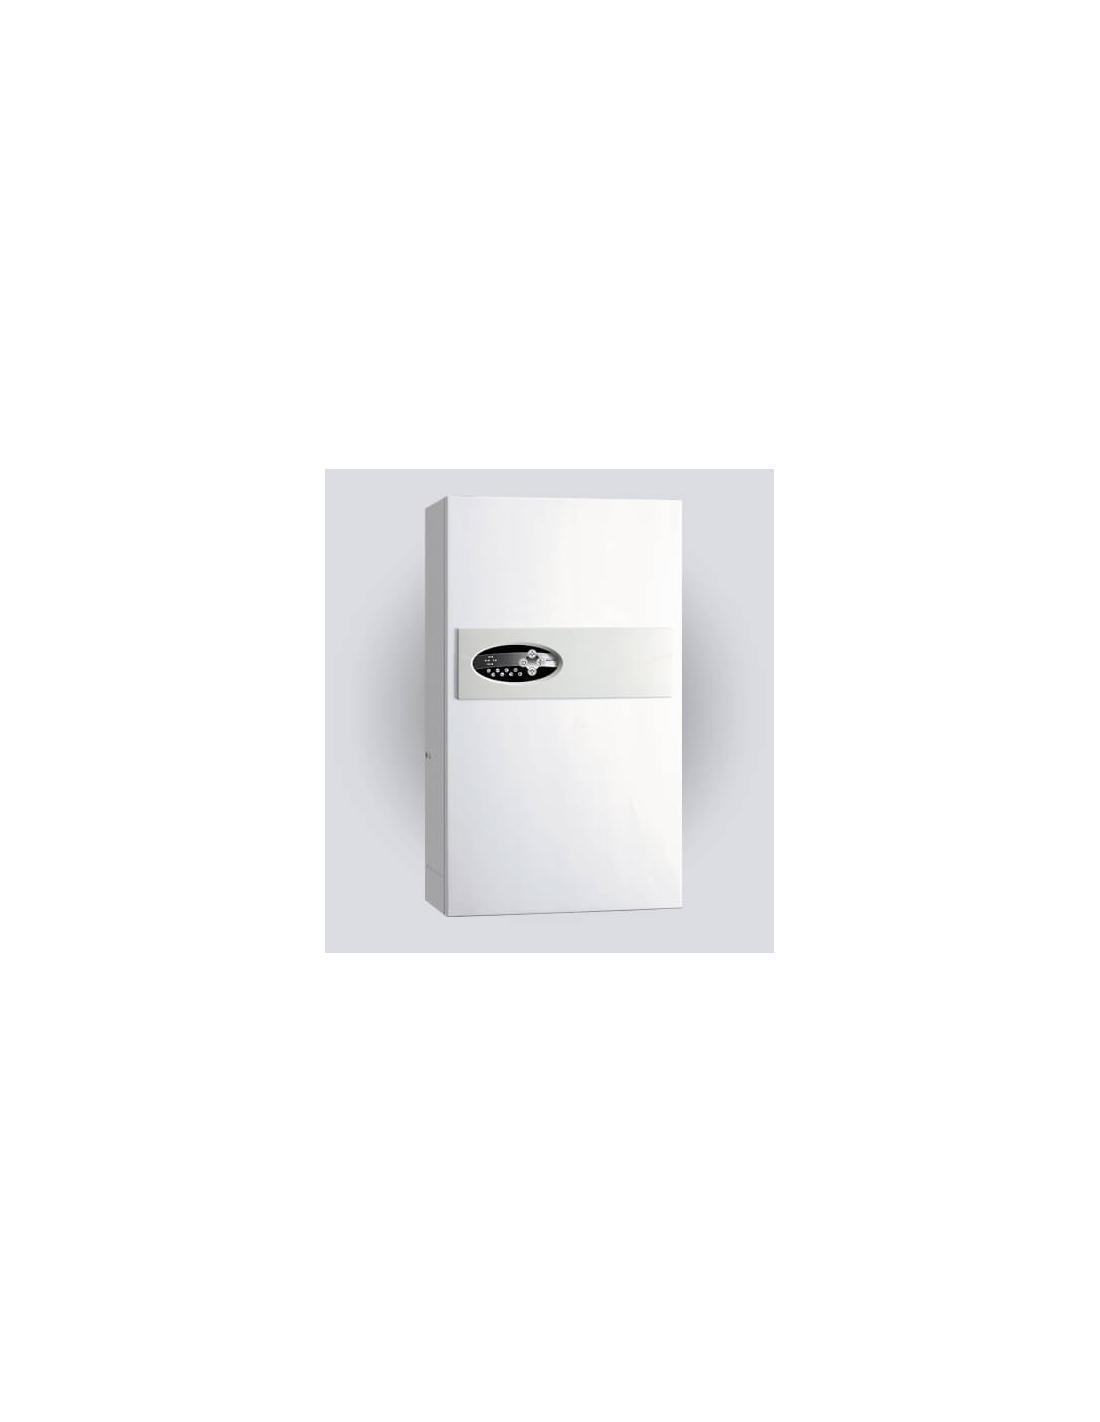 CHAUDIERE ELECTRIQUE EKCO LN2. KOSPEL 4 KW